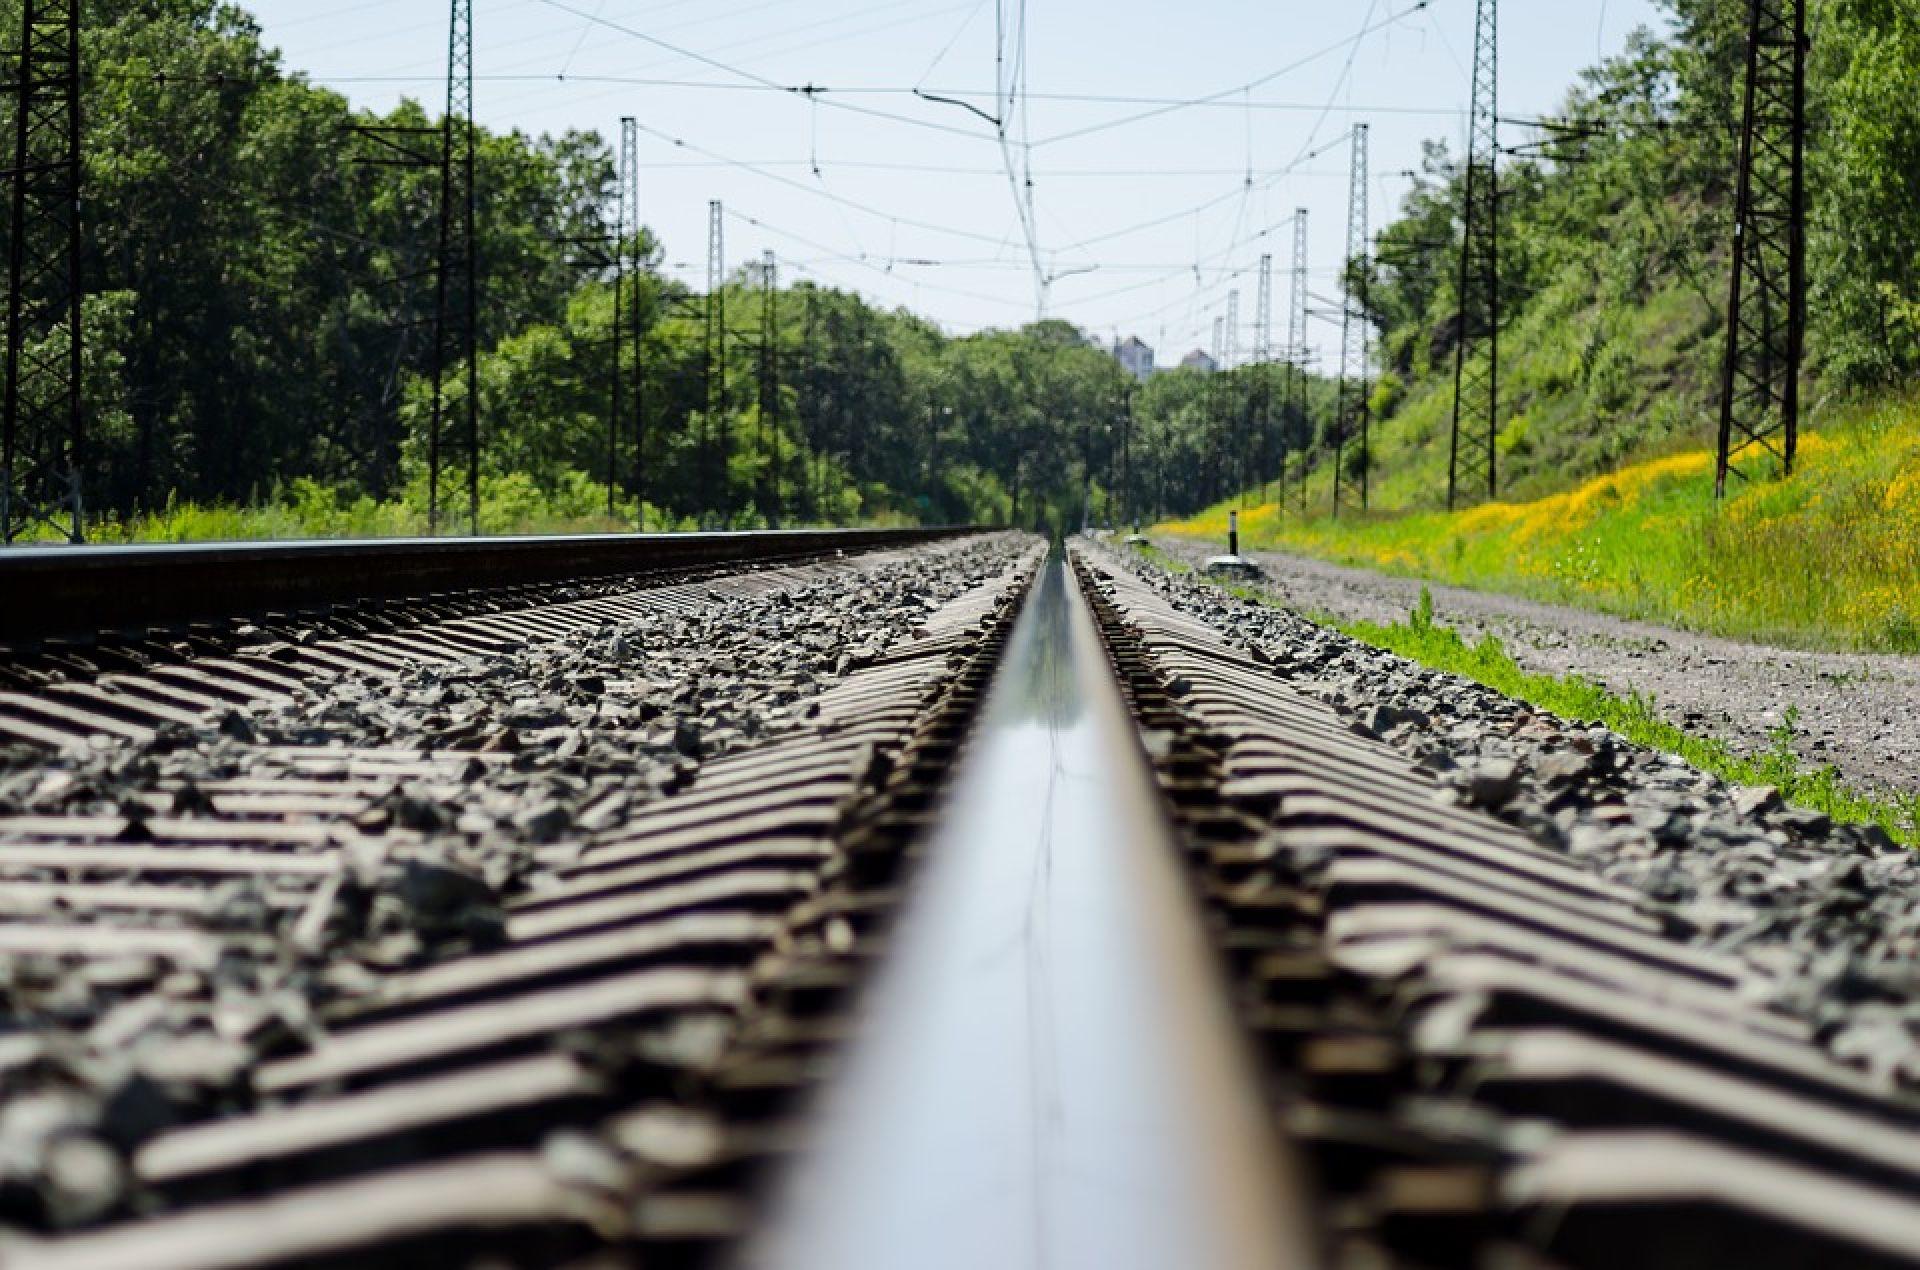 2705_potyagy3 Стережись потяга: під Києвом вимагають убезпечити перехід через залізничні колії